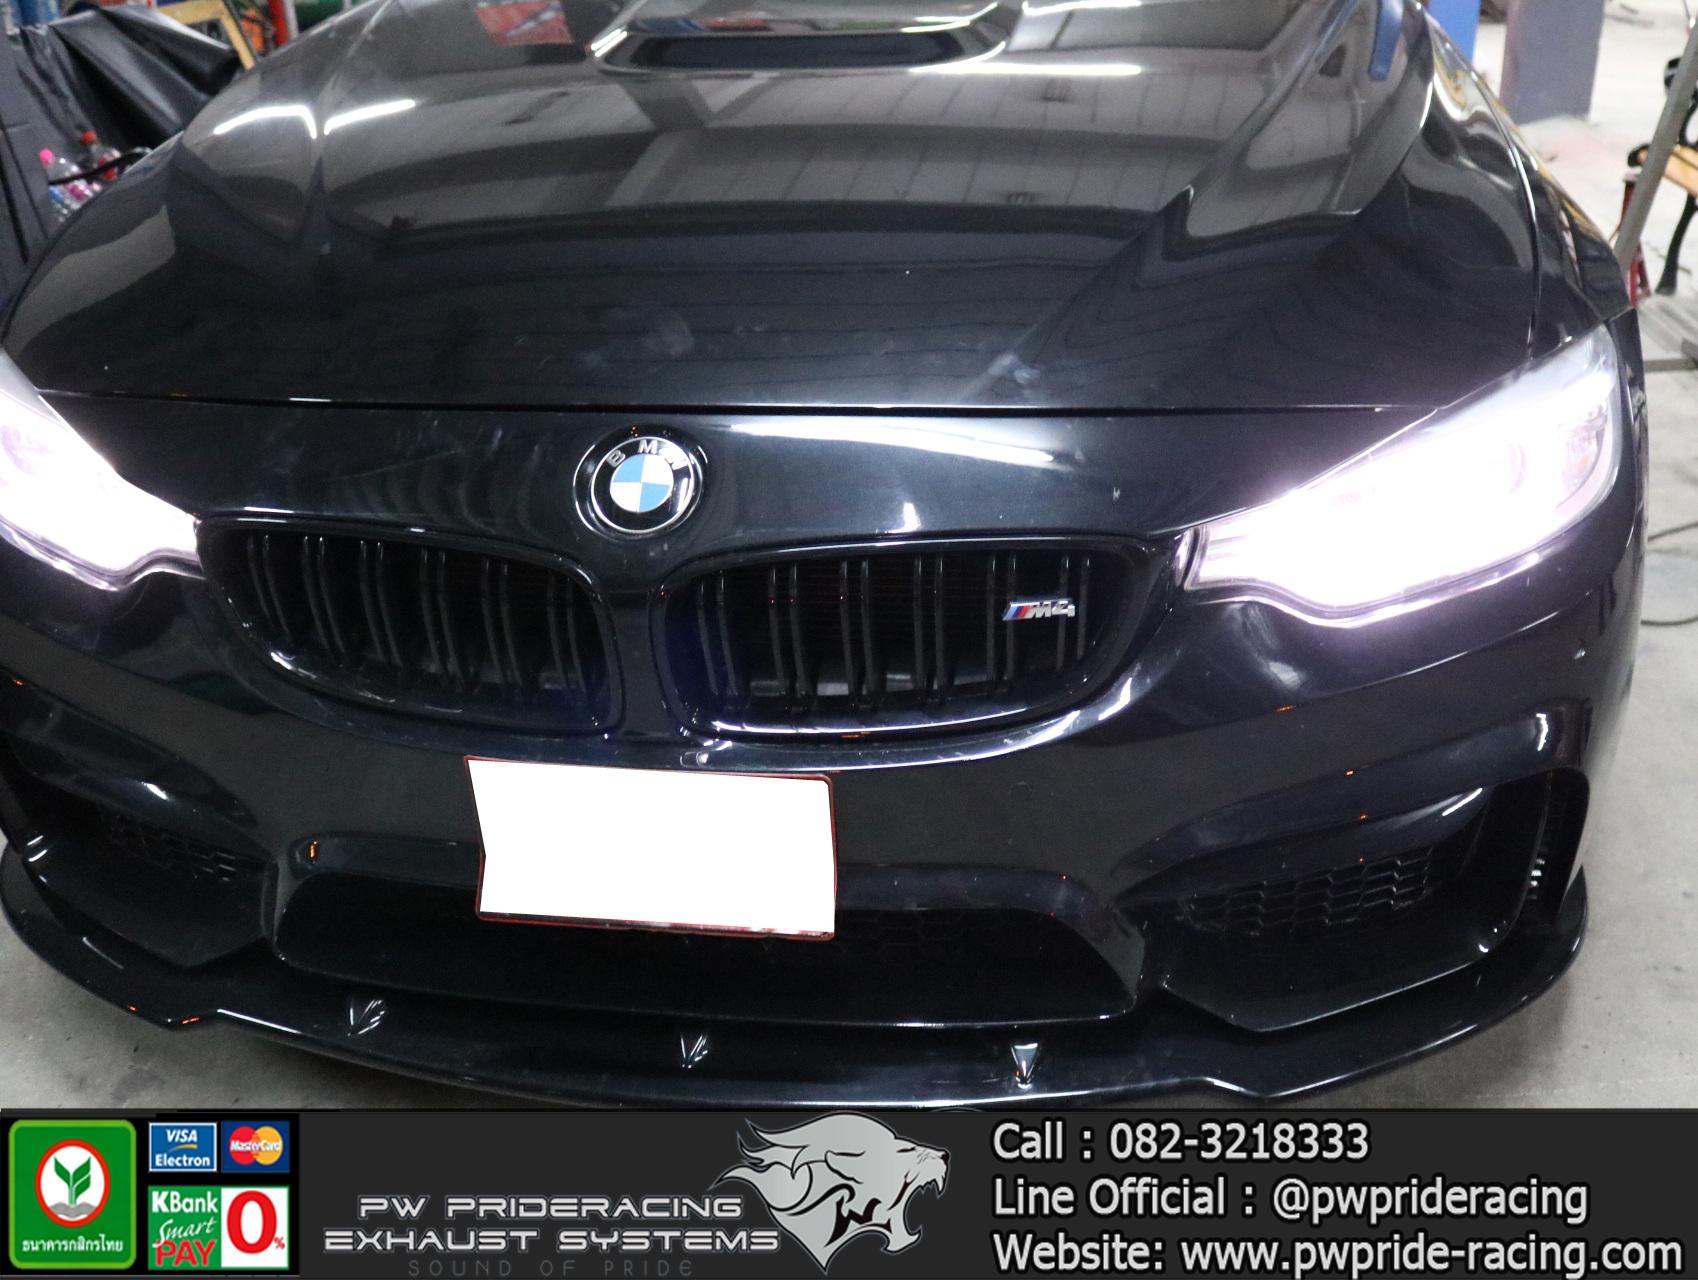 ชุดท่อไอเสีย BMW 420i F33 Convertible by PW PrideRacing